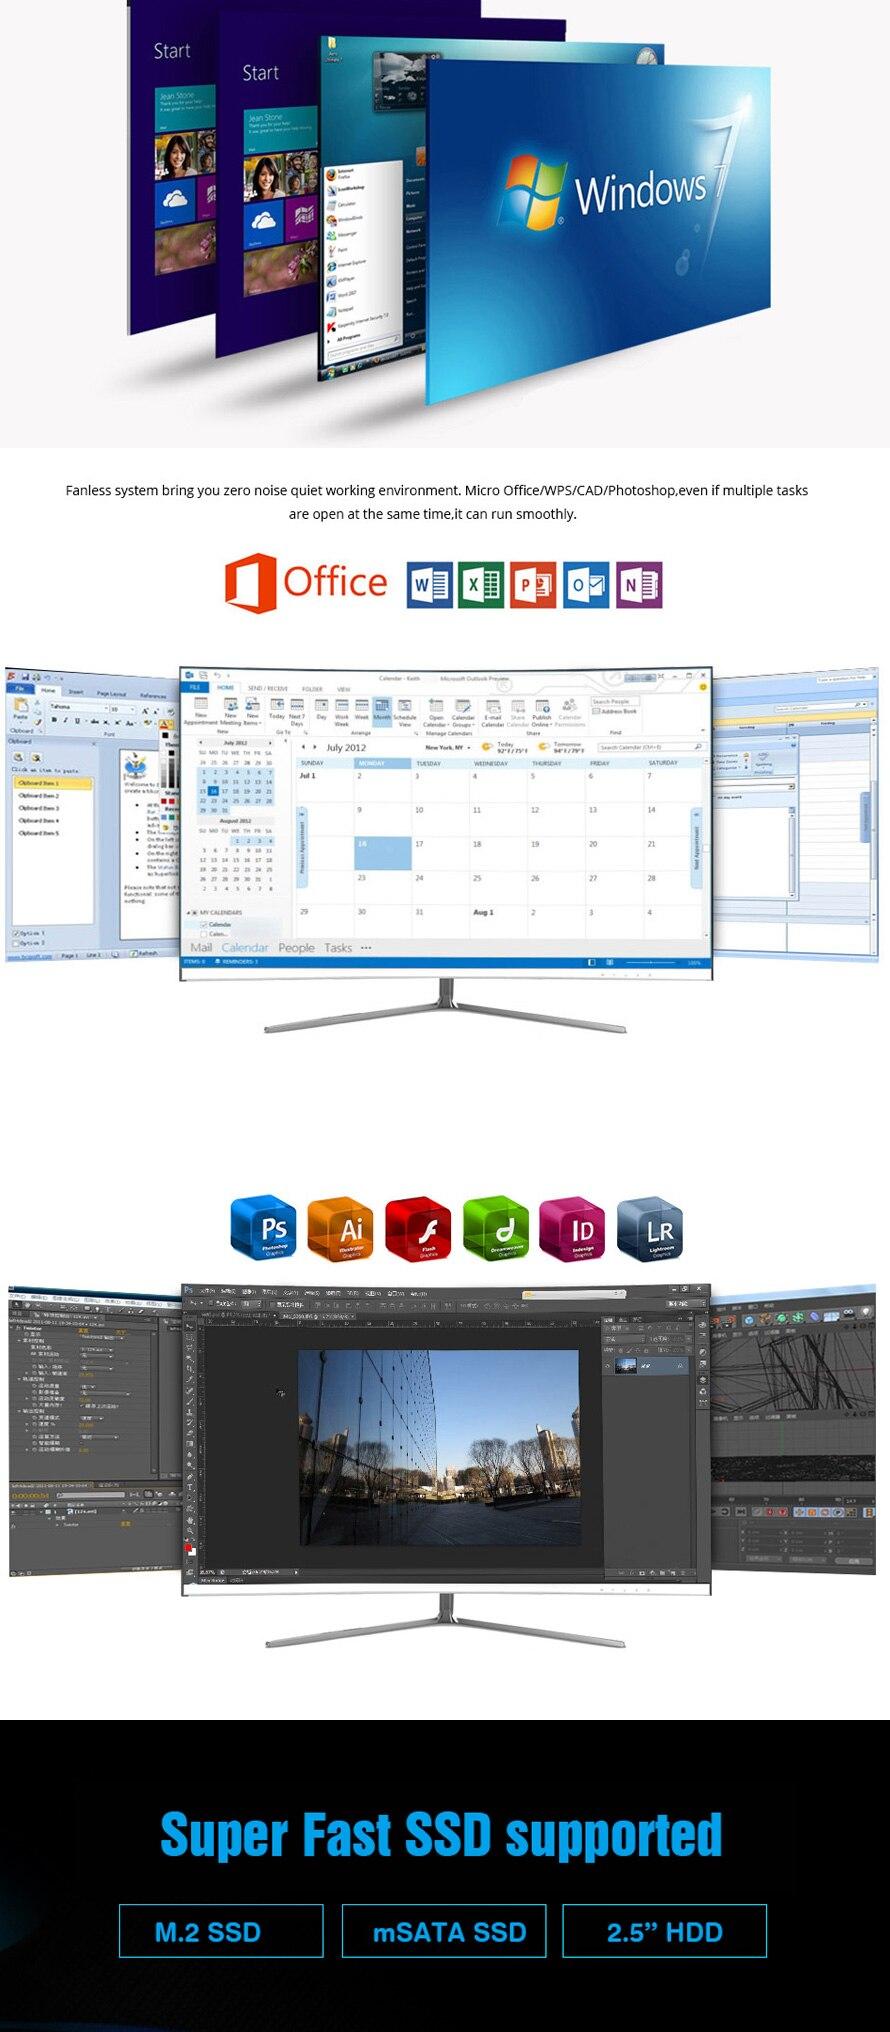 intel-core-i7-8550u-ddr4-RAM-16G-minipc-nuc-i7-windows10-wifi-with-bluetooth-2.7ghz-graphics620-usb-3.0-faless-mini-pc-i7-7500U_05_04